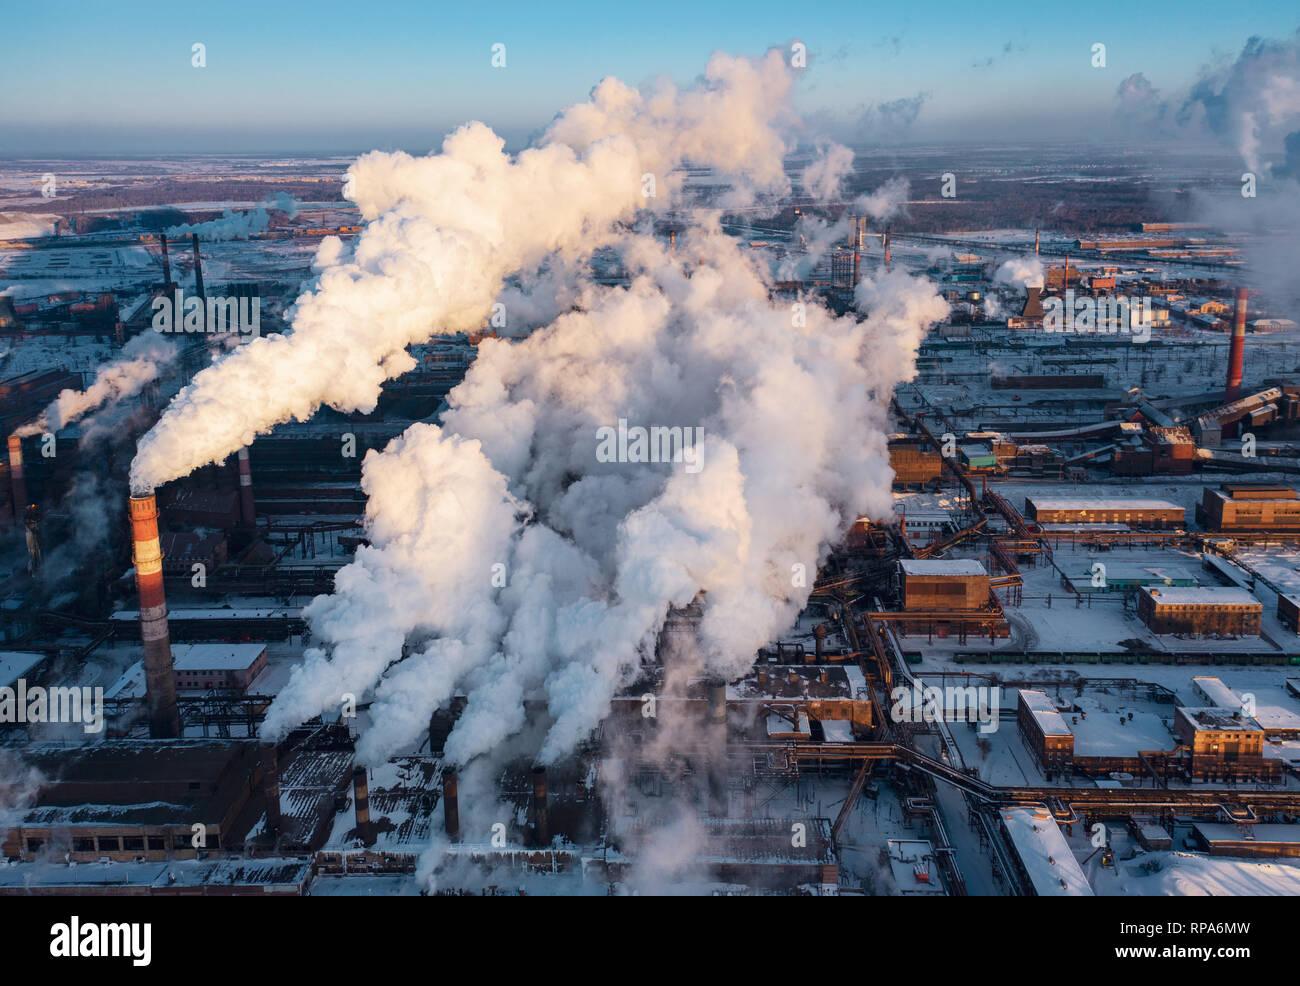 Vista panorámica de la industria pesada con impacto negativo en la naturaleza; las emisiones de CO2, gases venenosos tóxicos de chimeneas; rusty sucio y ductos clou Foto de stock